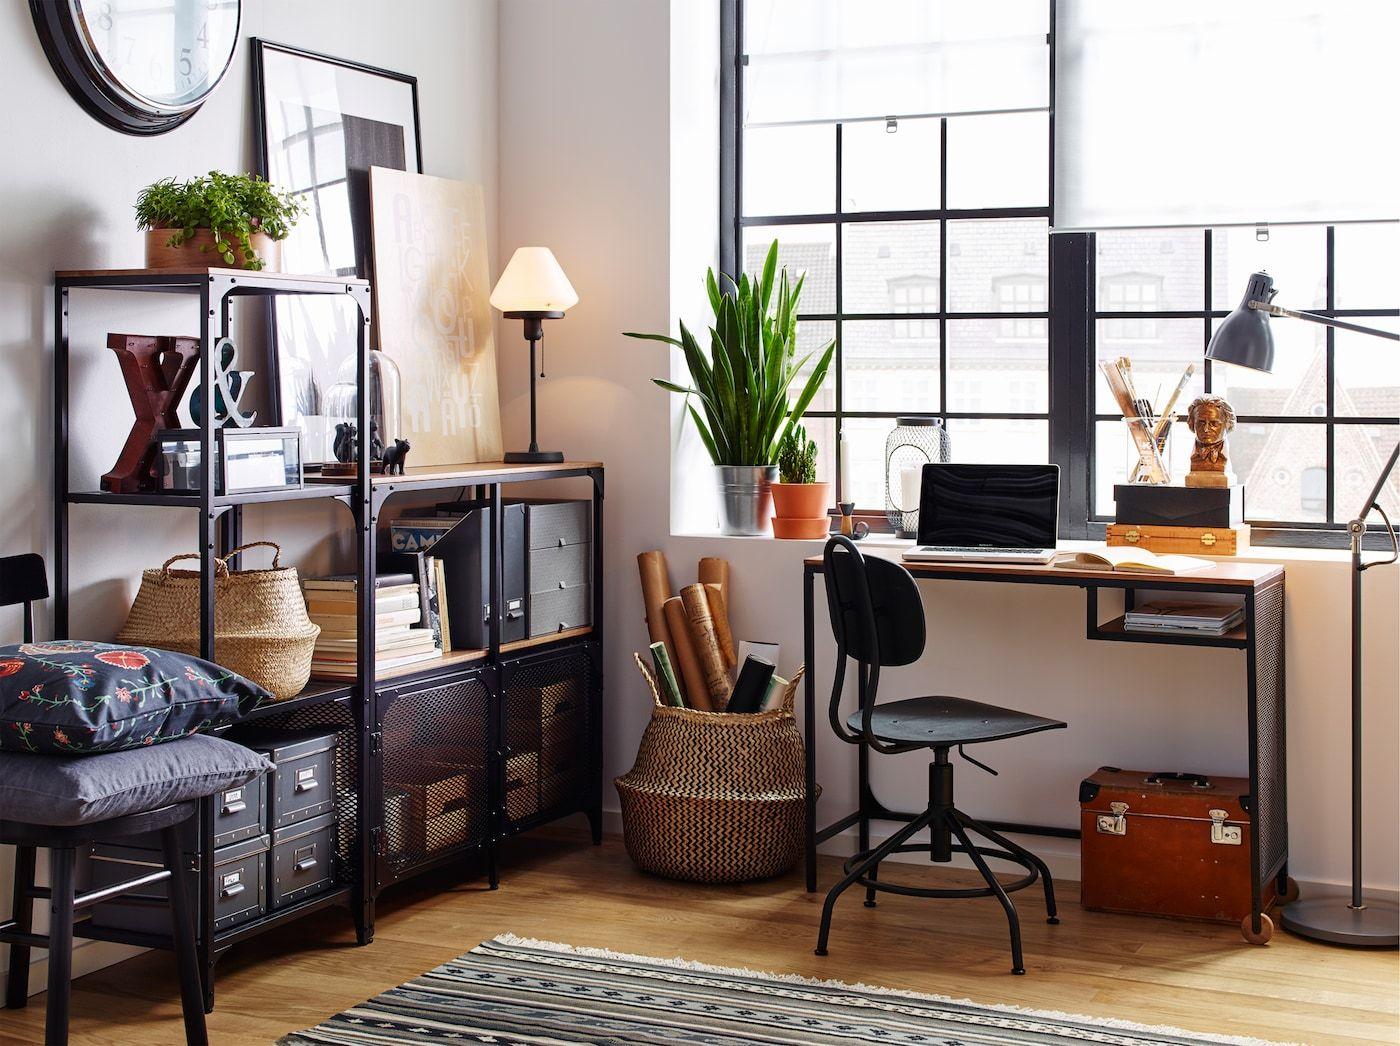 Ottime sedie da ufficio in vissle grigio scuro. Coolitude Urbaine Pour Votre Coin Bureau Ufficio Ikea Interni Casa Idee Per Decorare La Casa